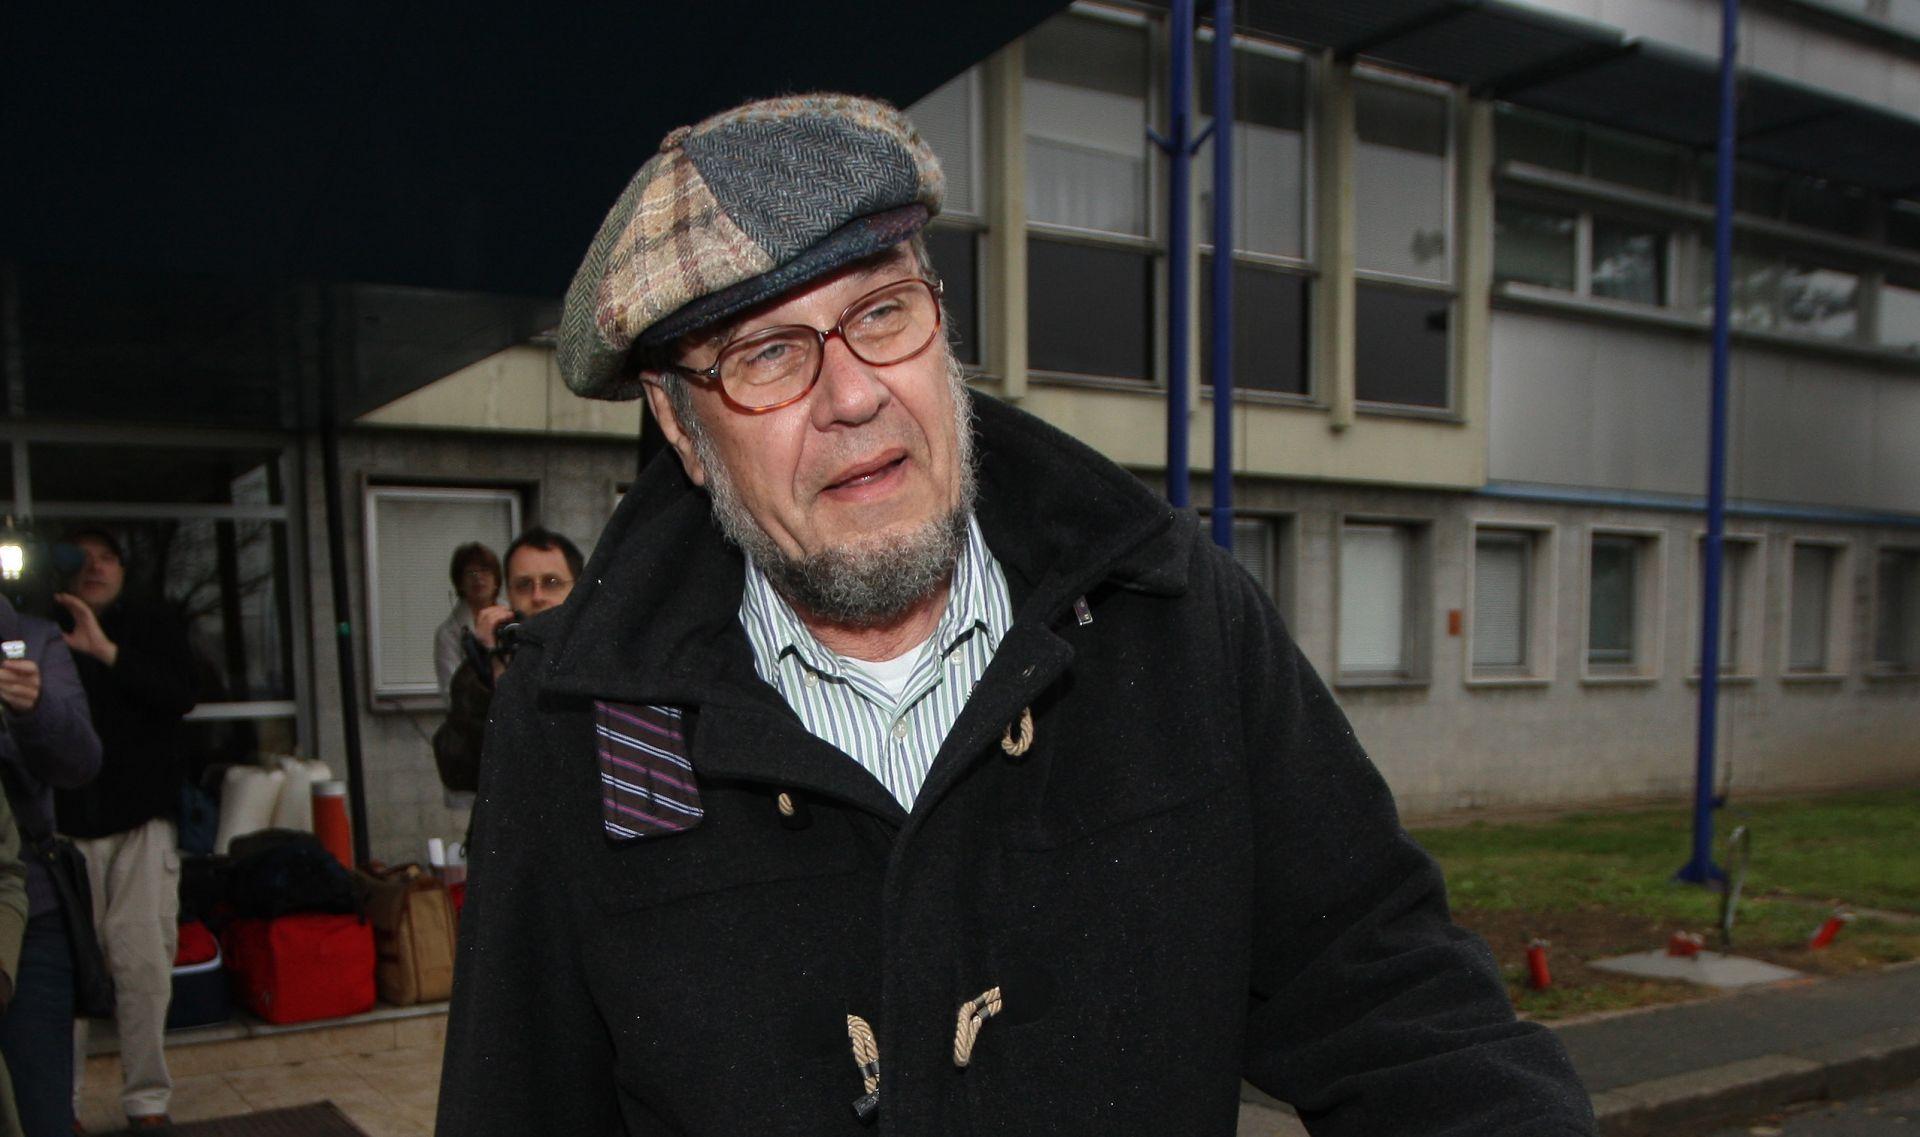 NAKON DUGE I TEŠKE BOLESTI Preminuo kapetan Kristo Laptalo